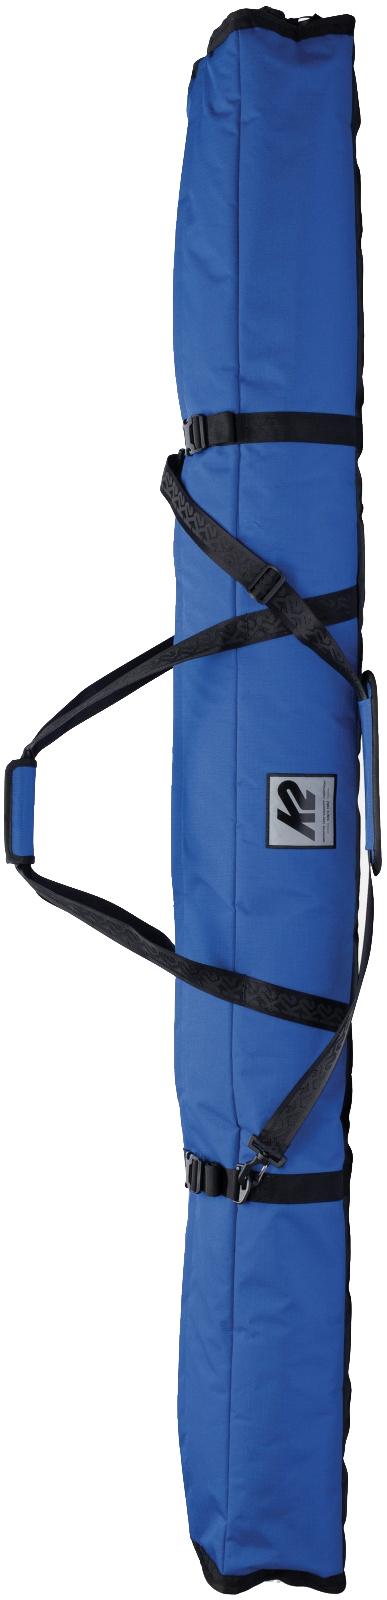 K2 K2 Double Padded Ski Bag - Blue 175 cm